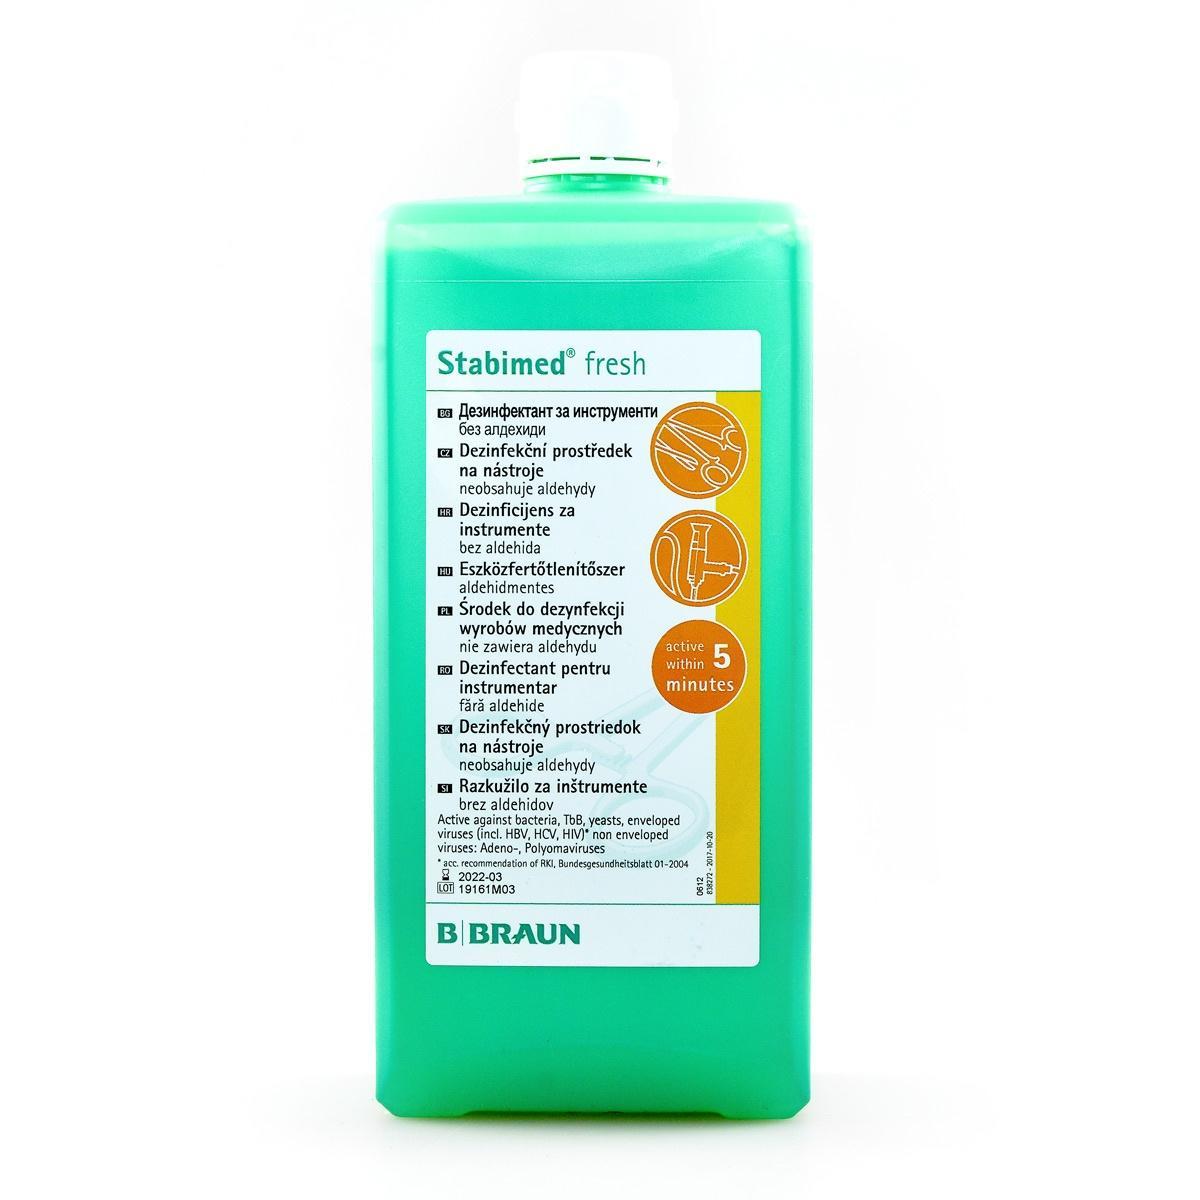 new8 - Stabimed® fresh 1l mycie i dezynfekcja narzędzi termostabilnych i termolabilnych